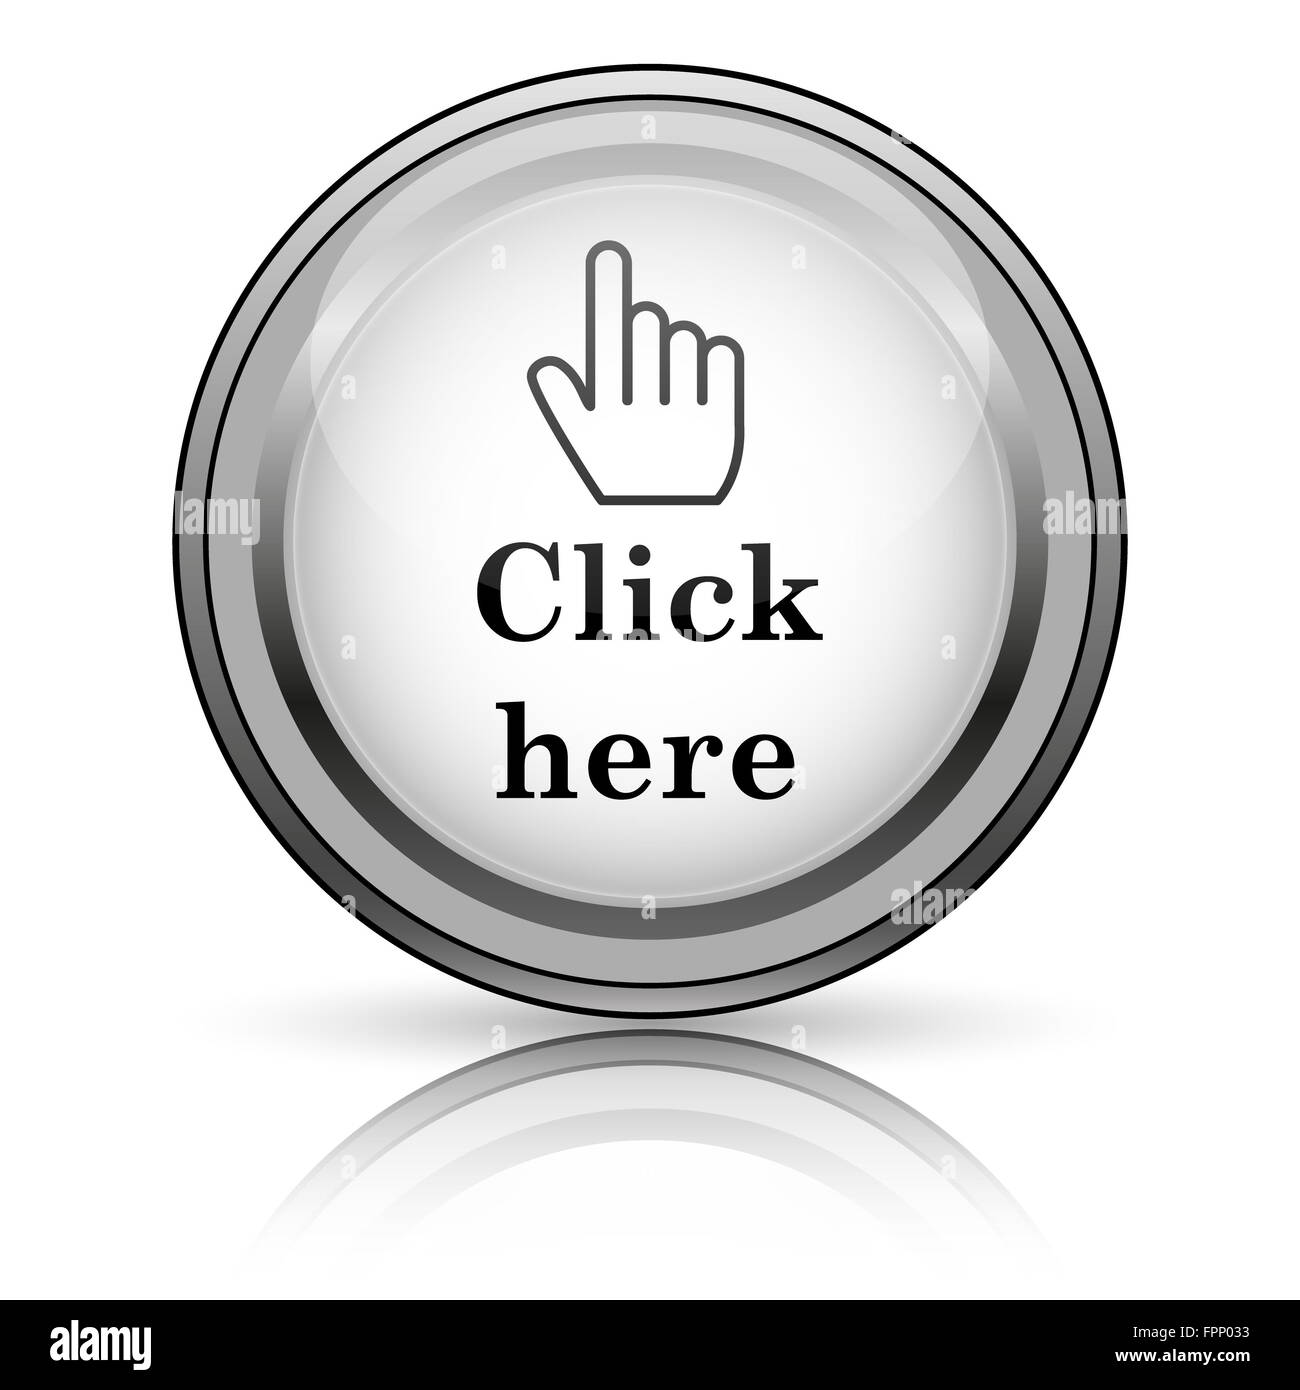 نتيجة بحث الصور عن click here icon